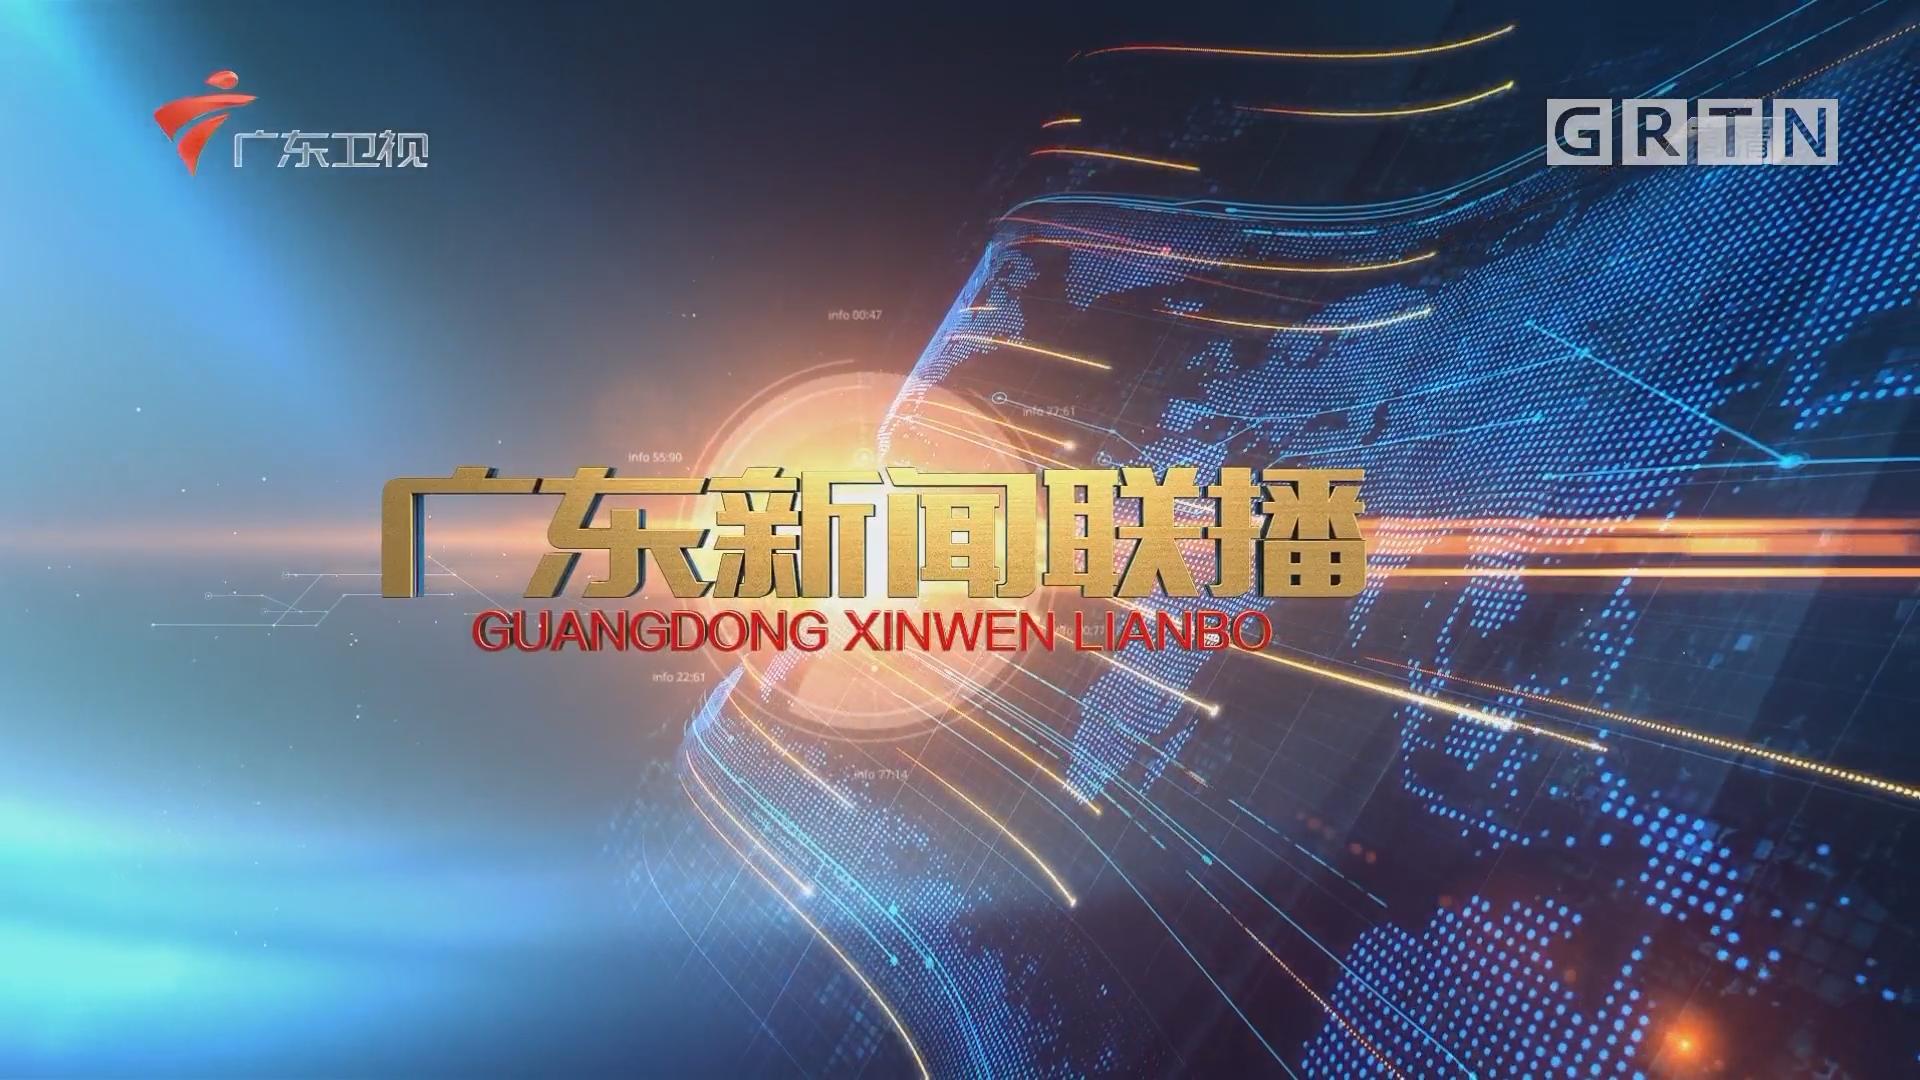 [HD][2018-08-20]广东新闻联播:2018年广东省参事决策咨询会在广州召开 李希马兴瑞出席